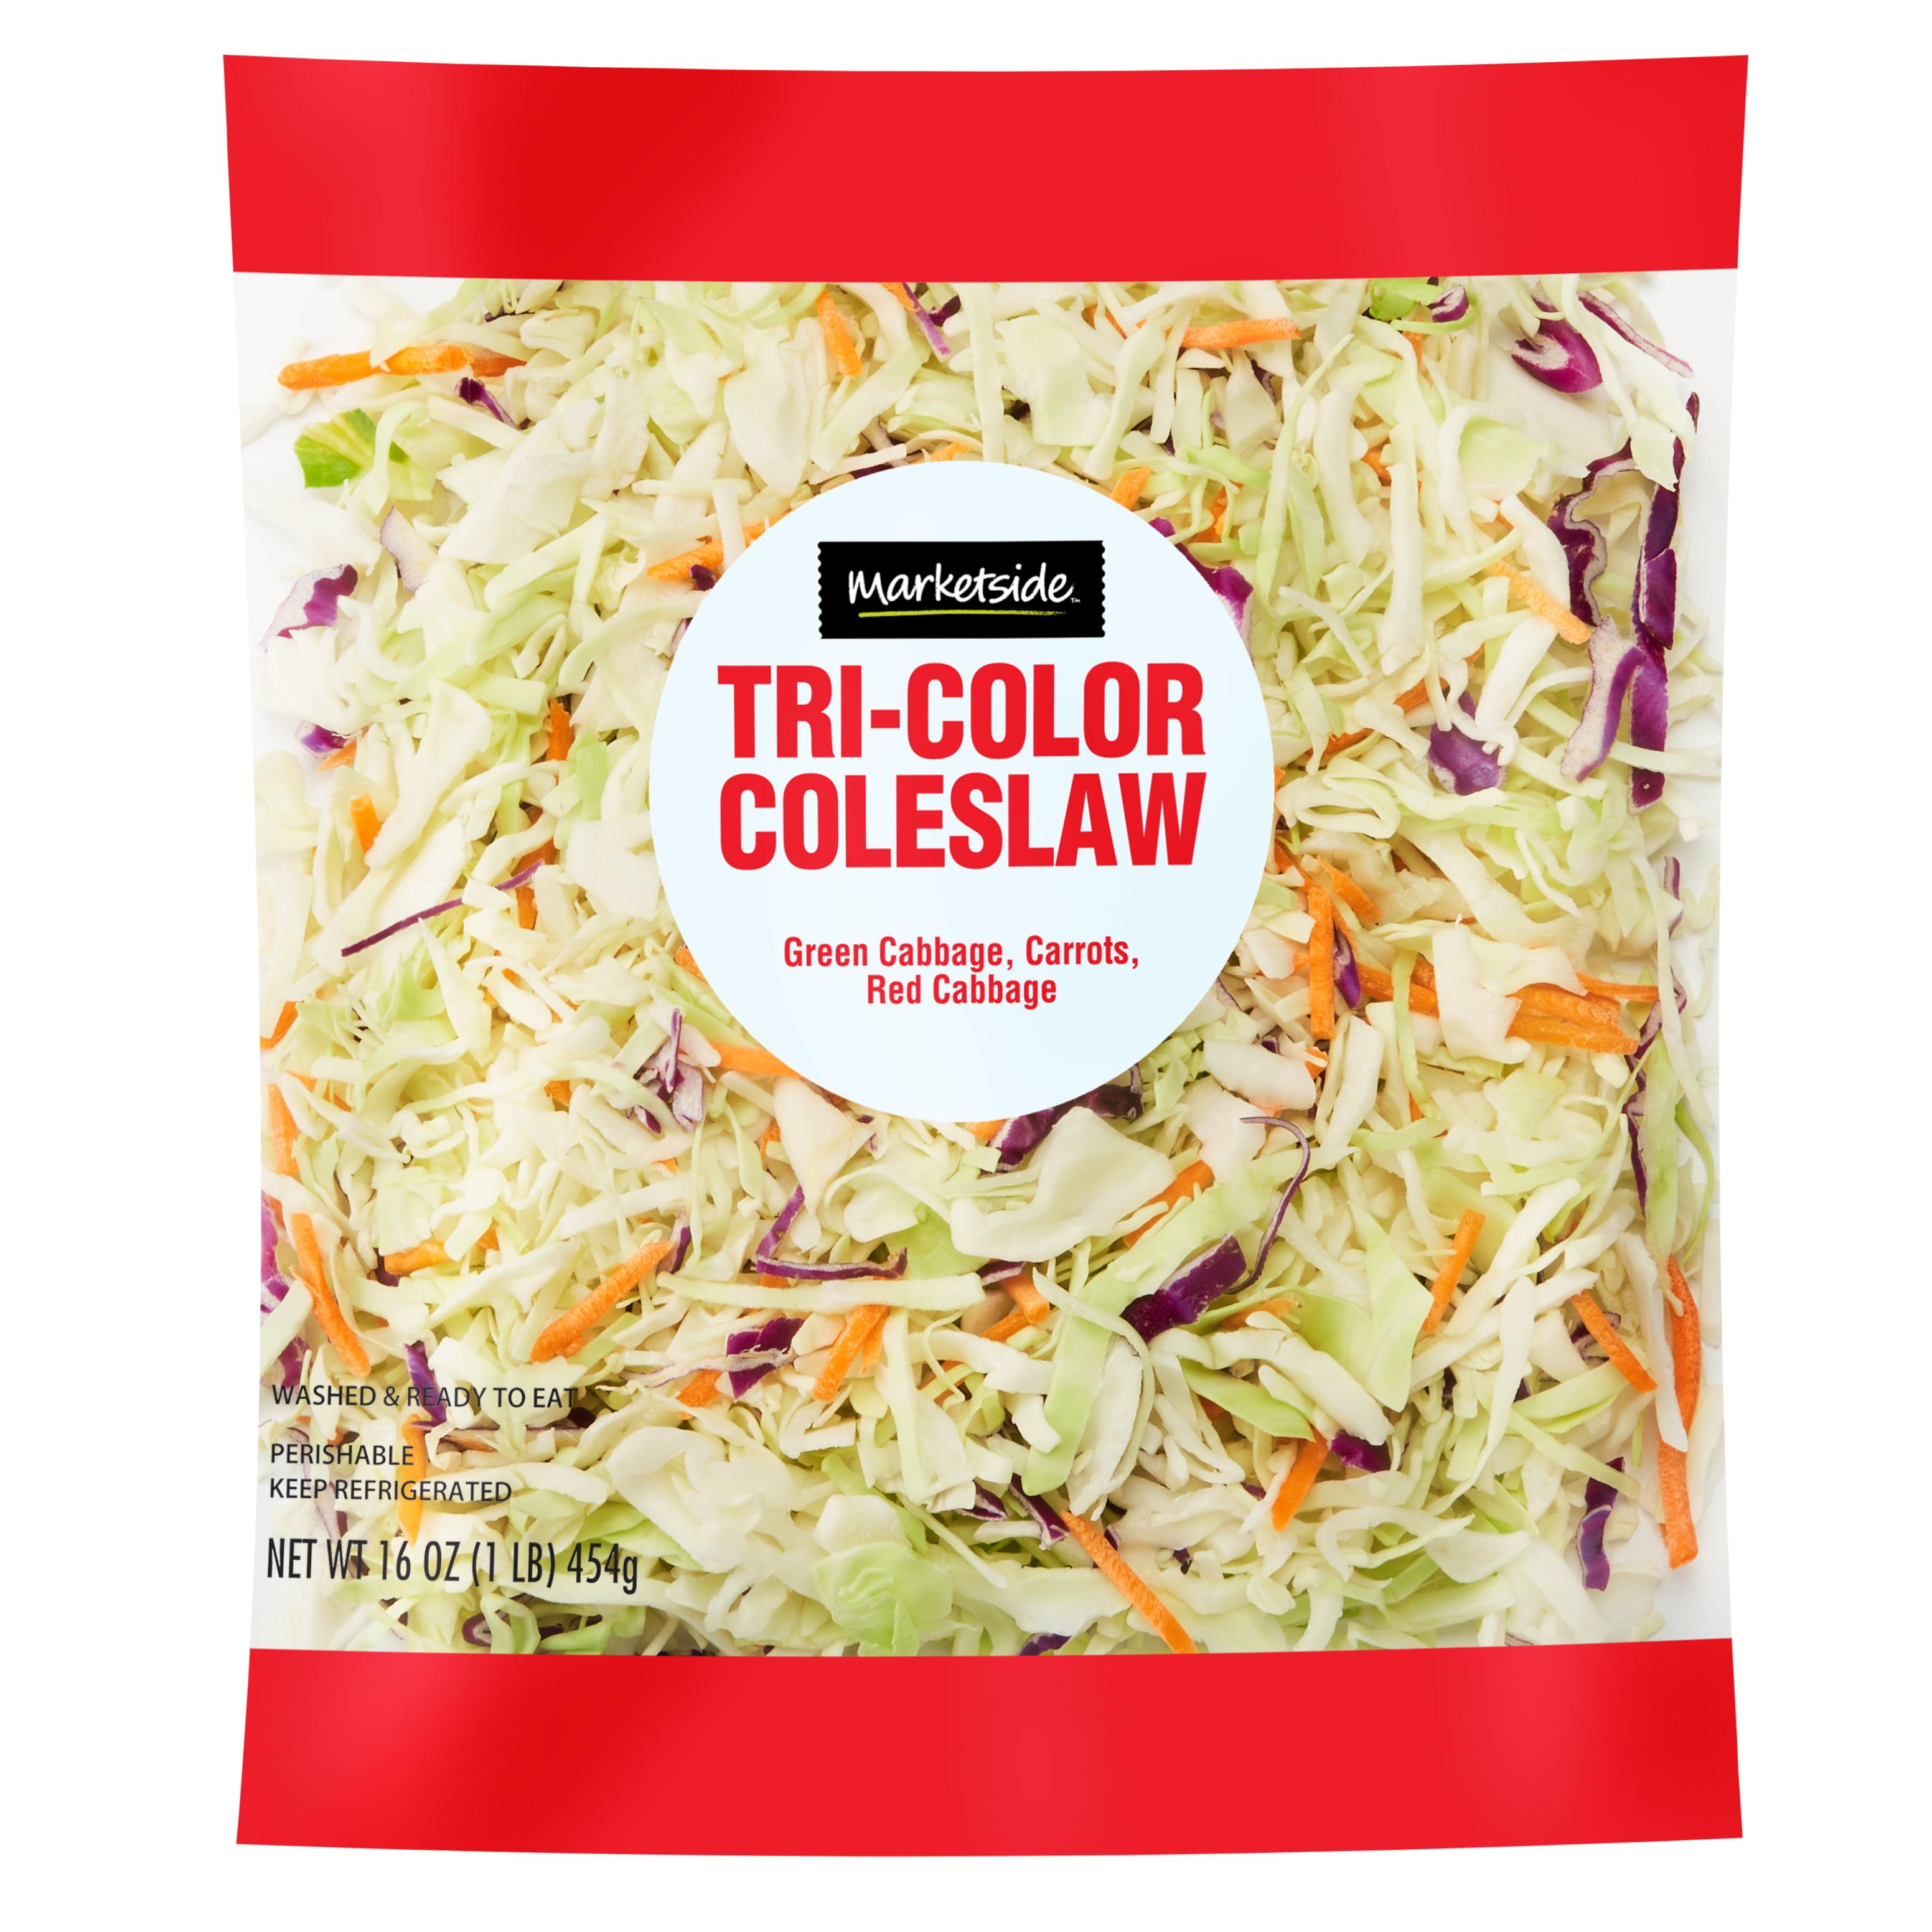 Marketside Tri-Color Cole Slaw, 16 oz